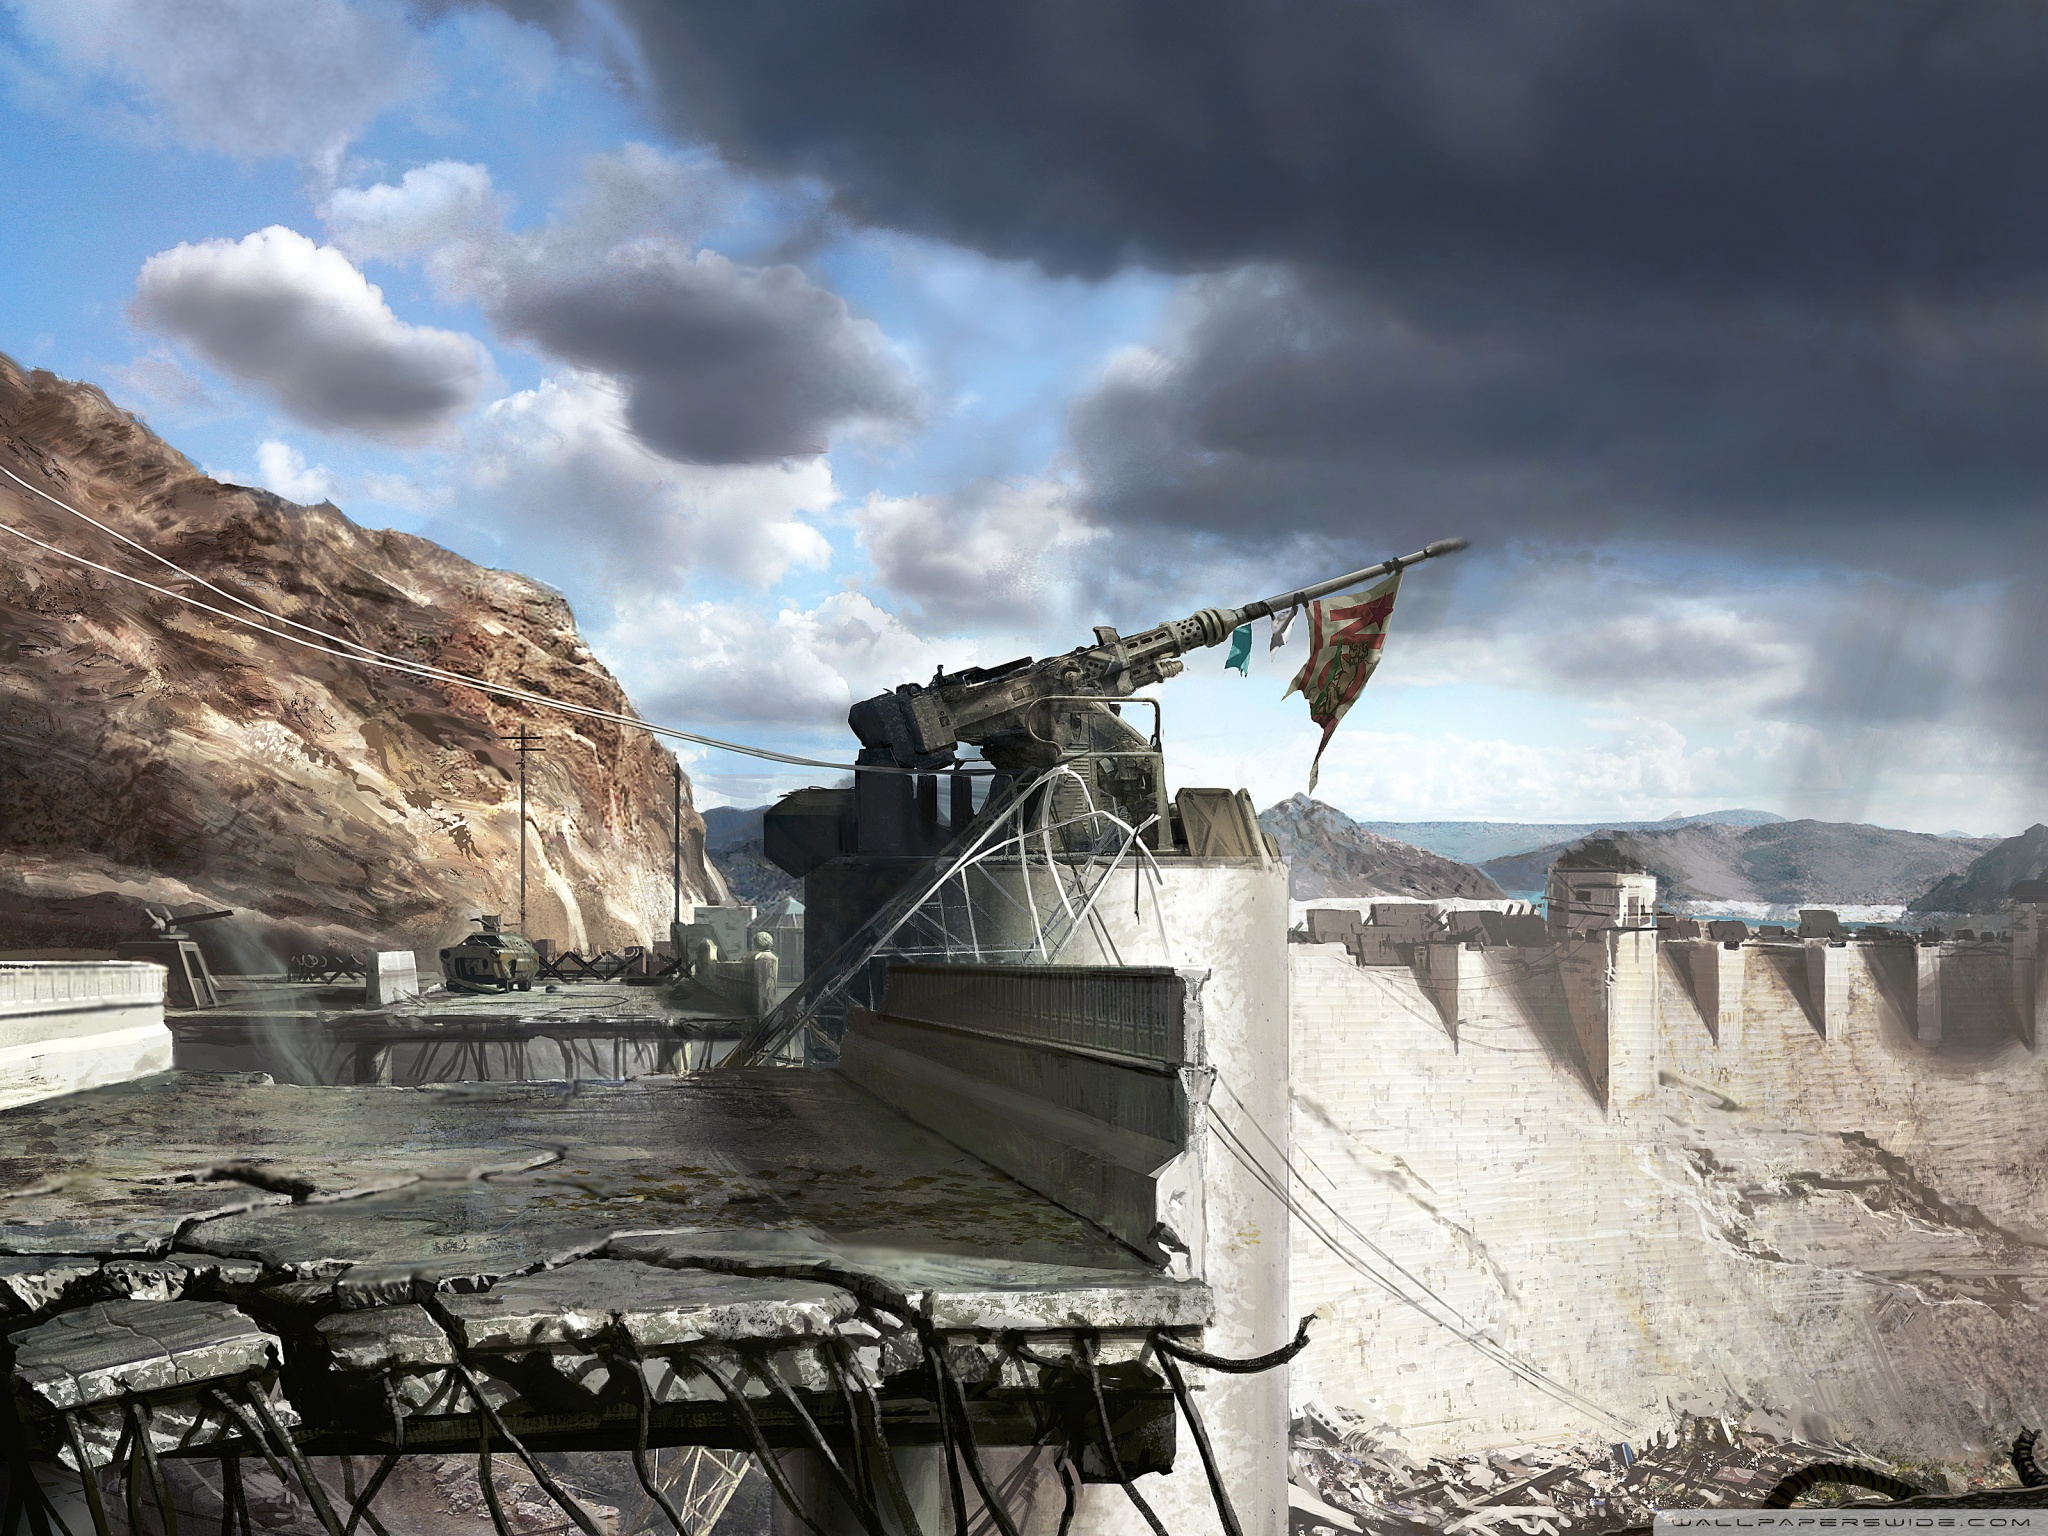 Fallout New Vegas Hoover Dam Concept Art 4K HD Desktop 2048x1536